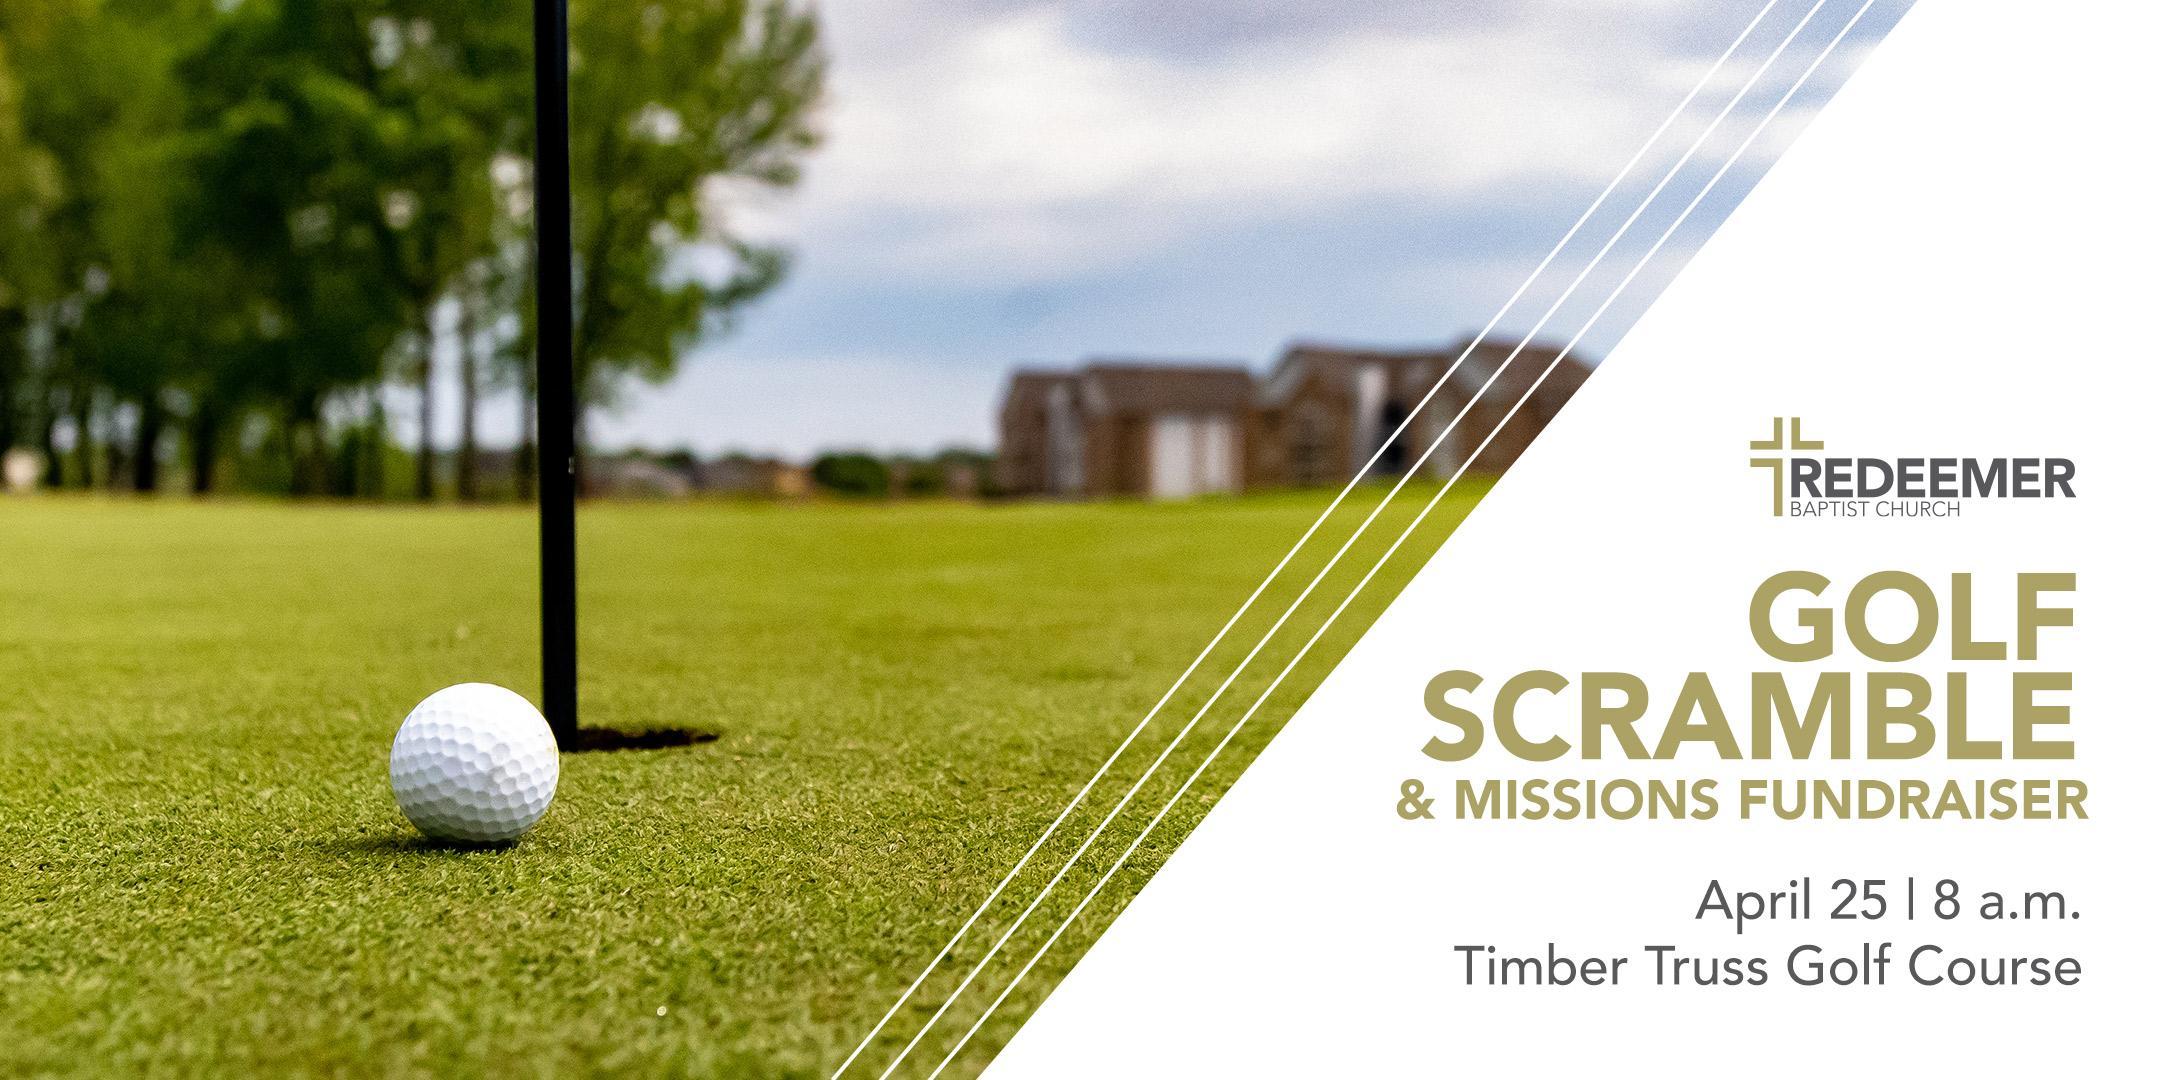 Redeemer Golf Tournament 2020